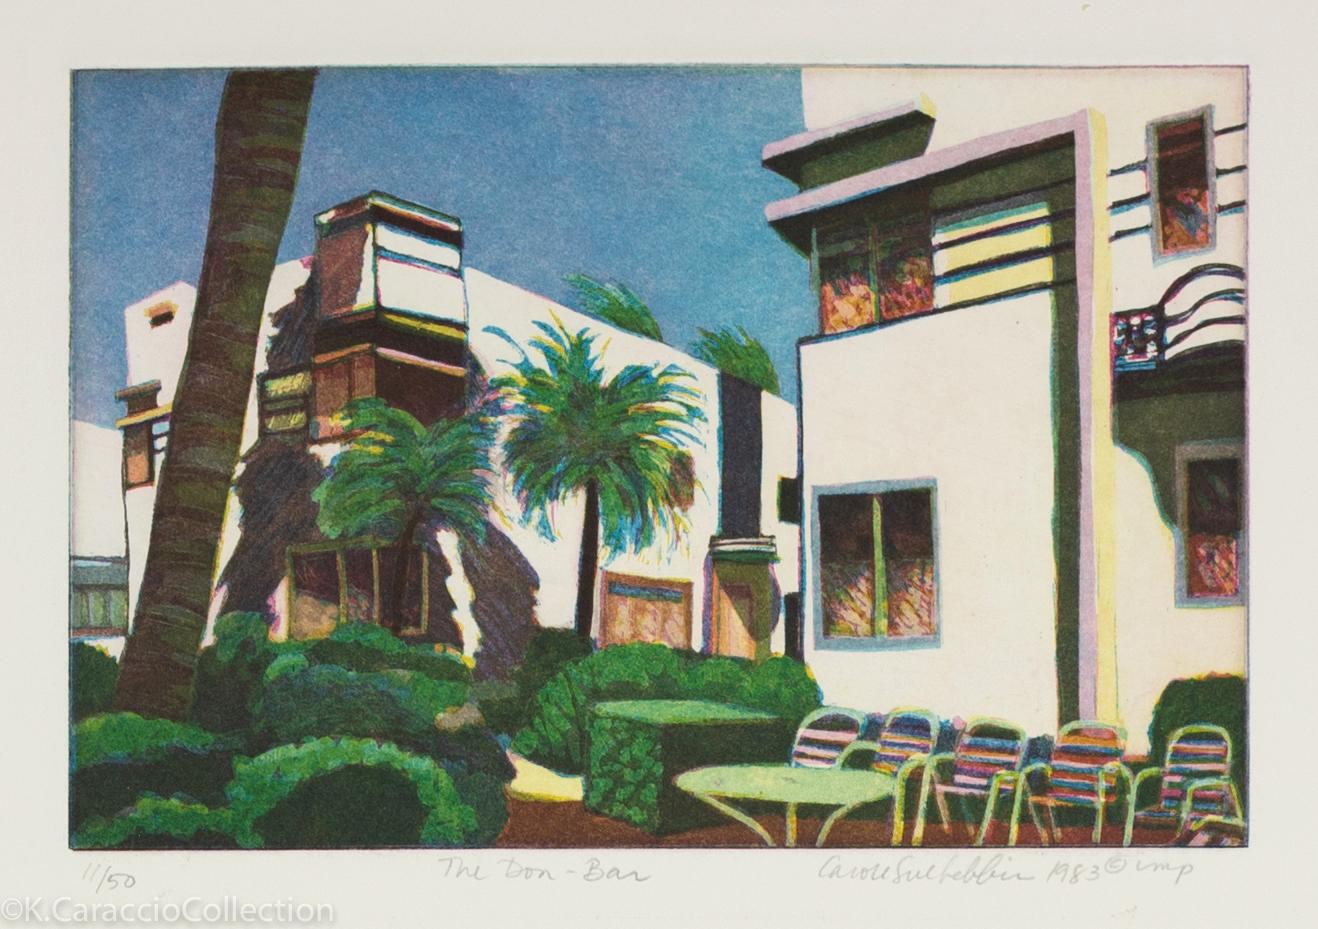 The Don-Bar, 1983